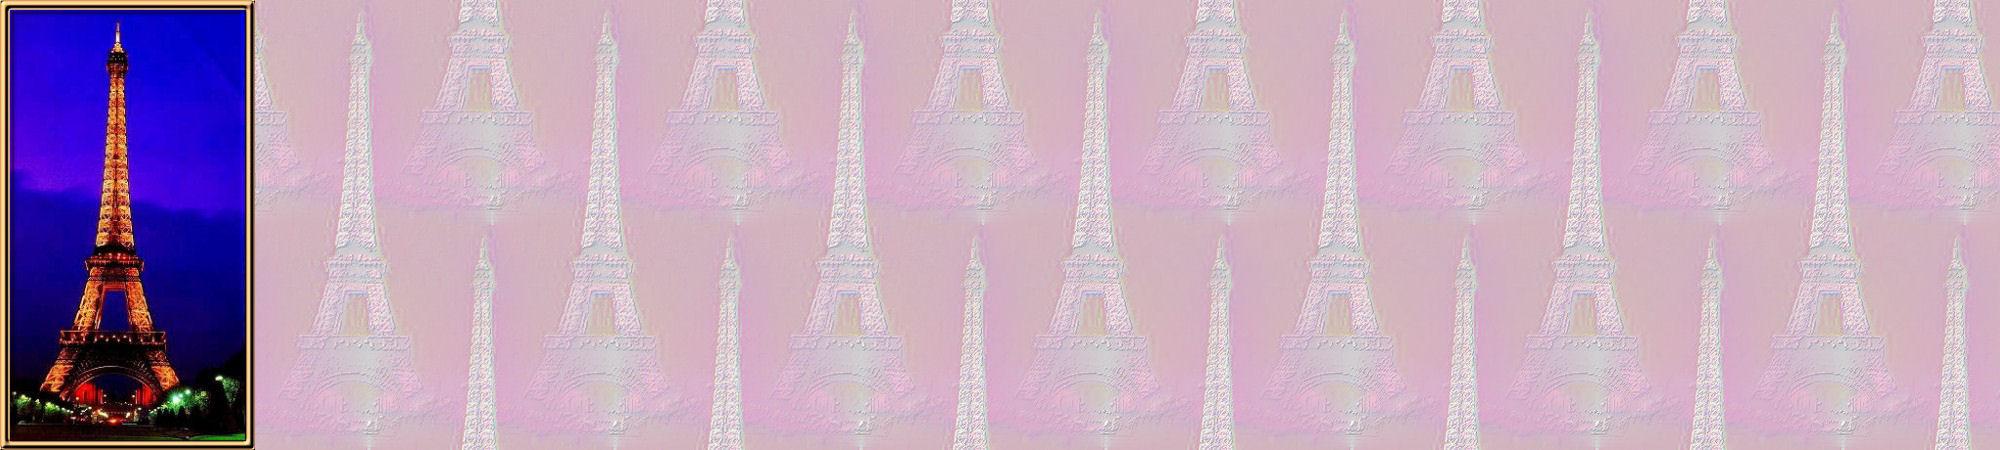 Fondo IM ciudades_torre_eiffel_002.imf